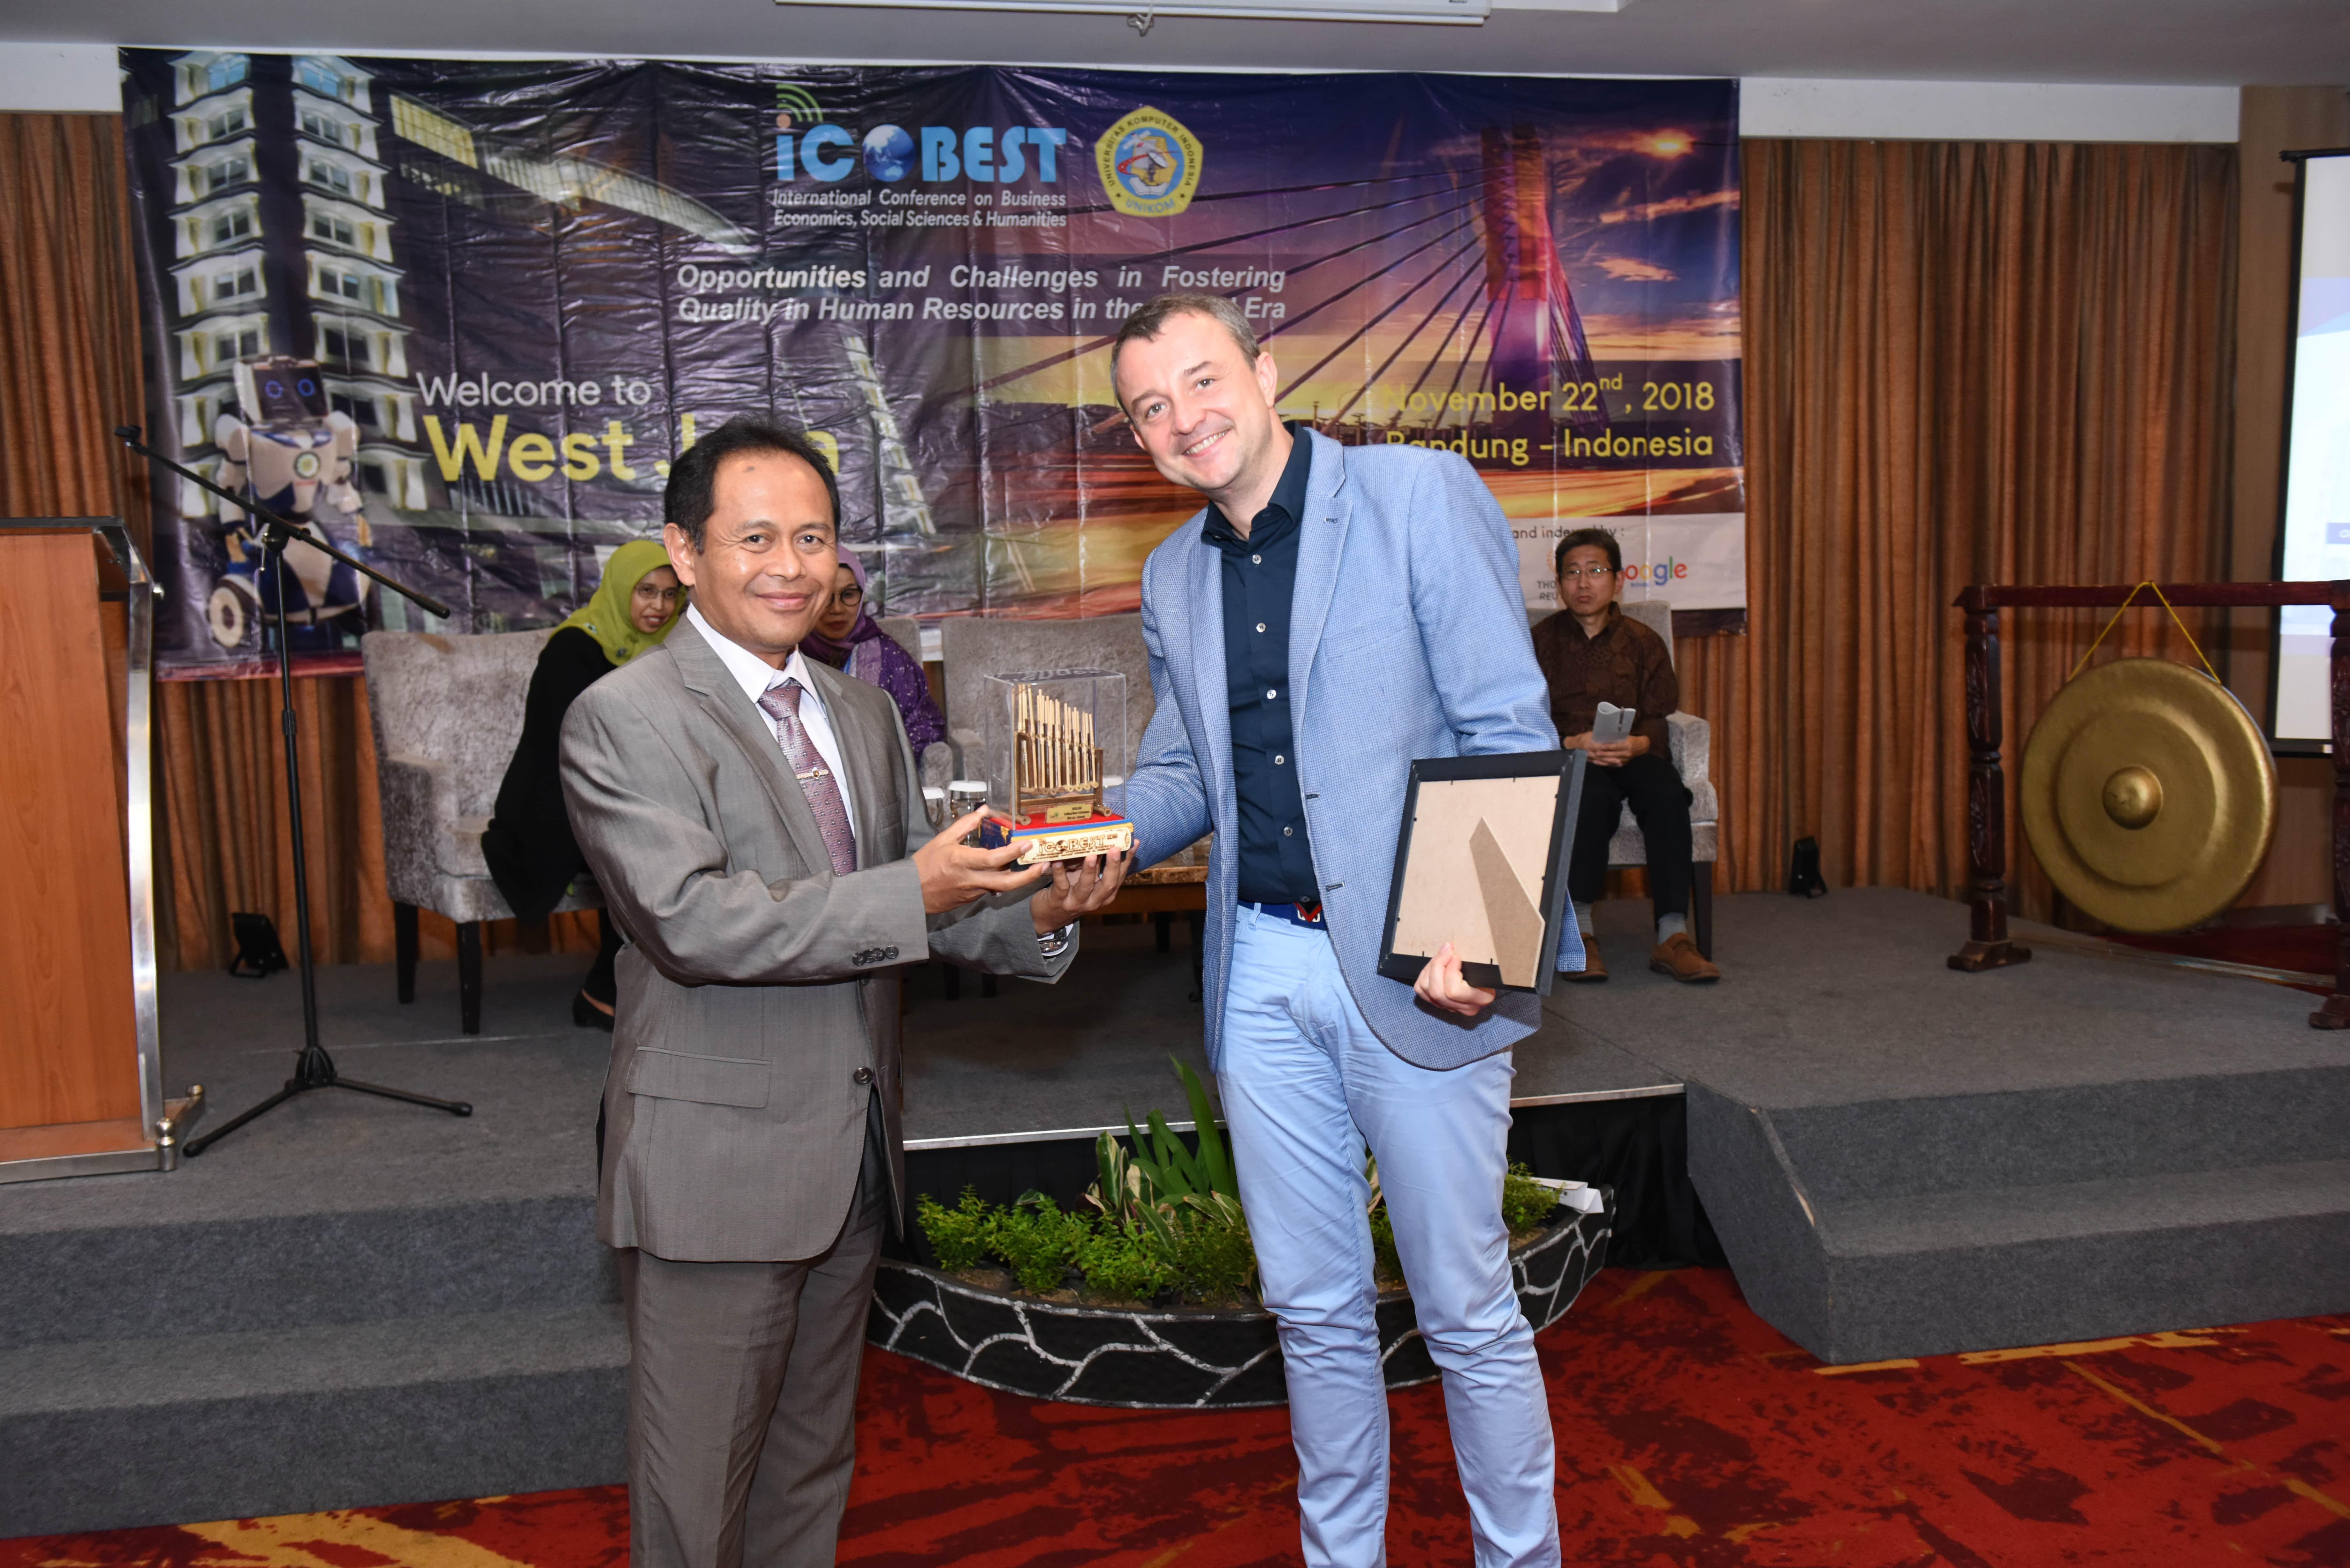 ICOBEST 2018 - Foto Bersama Prof. Dennis Ushakov